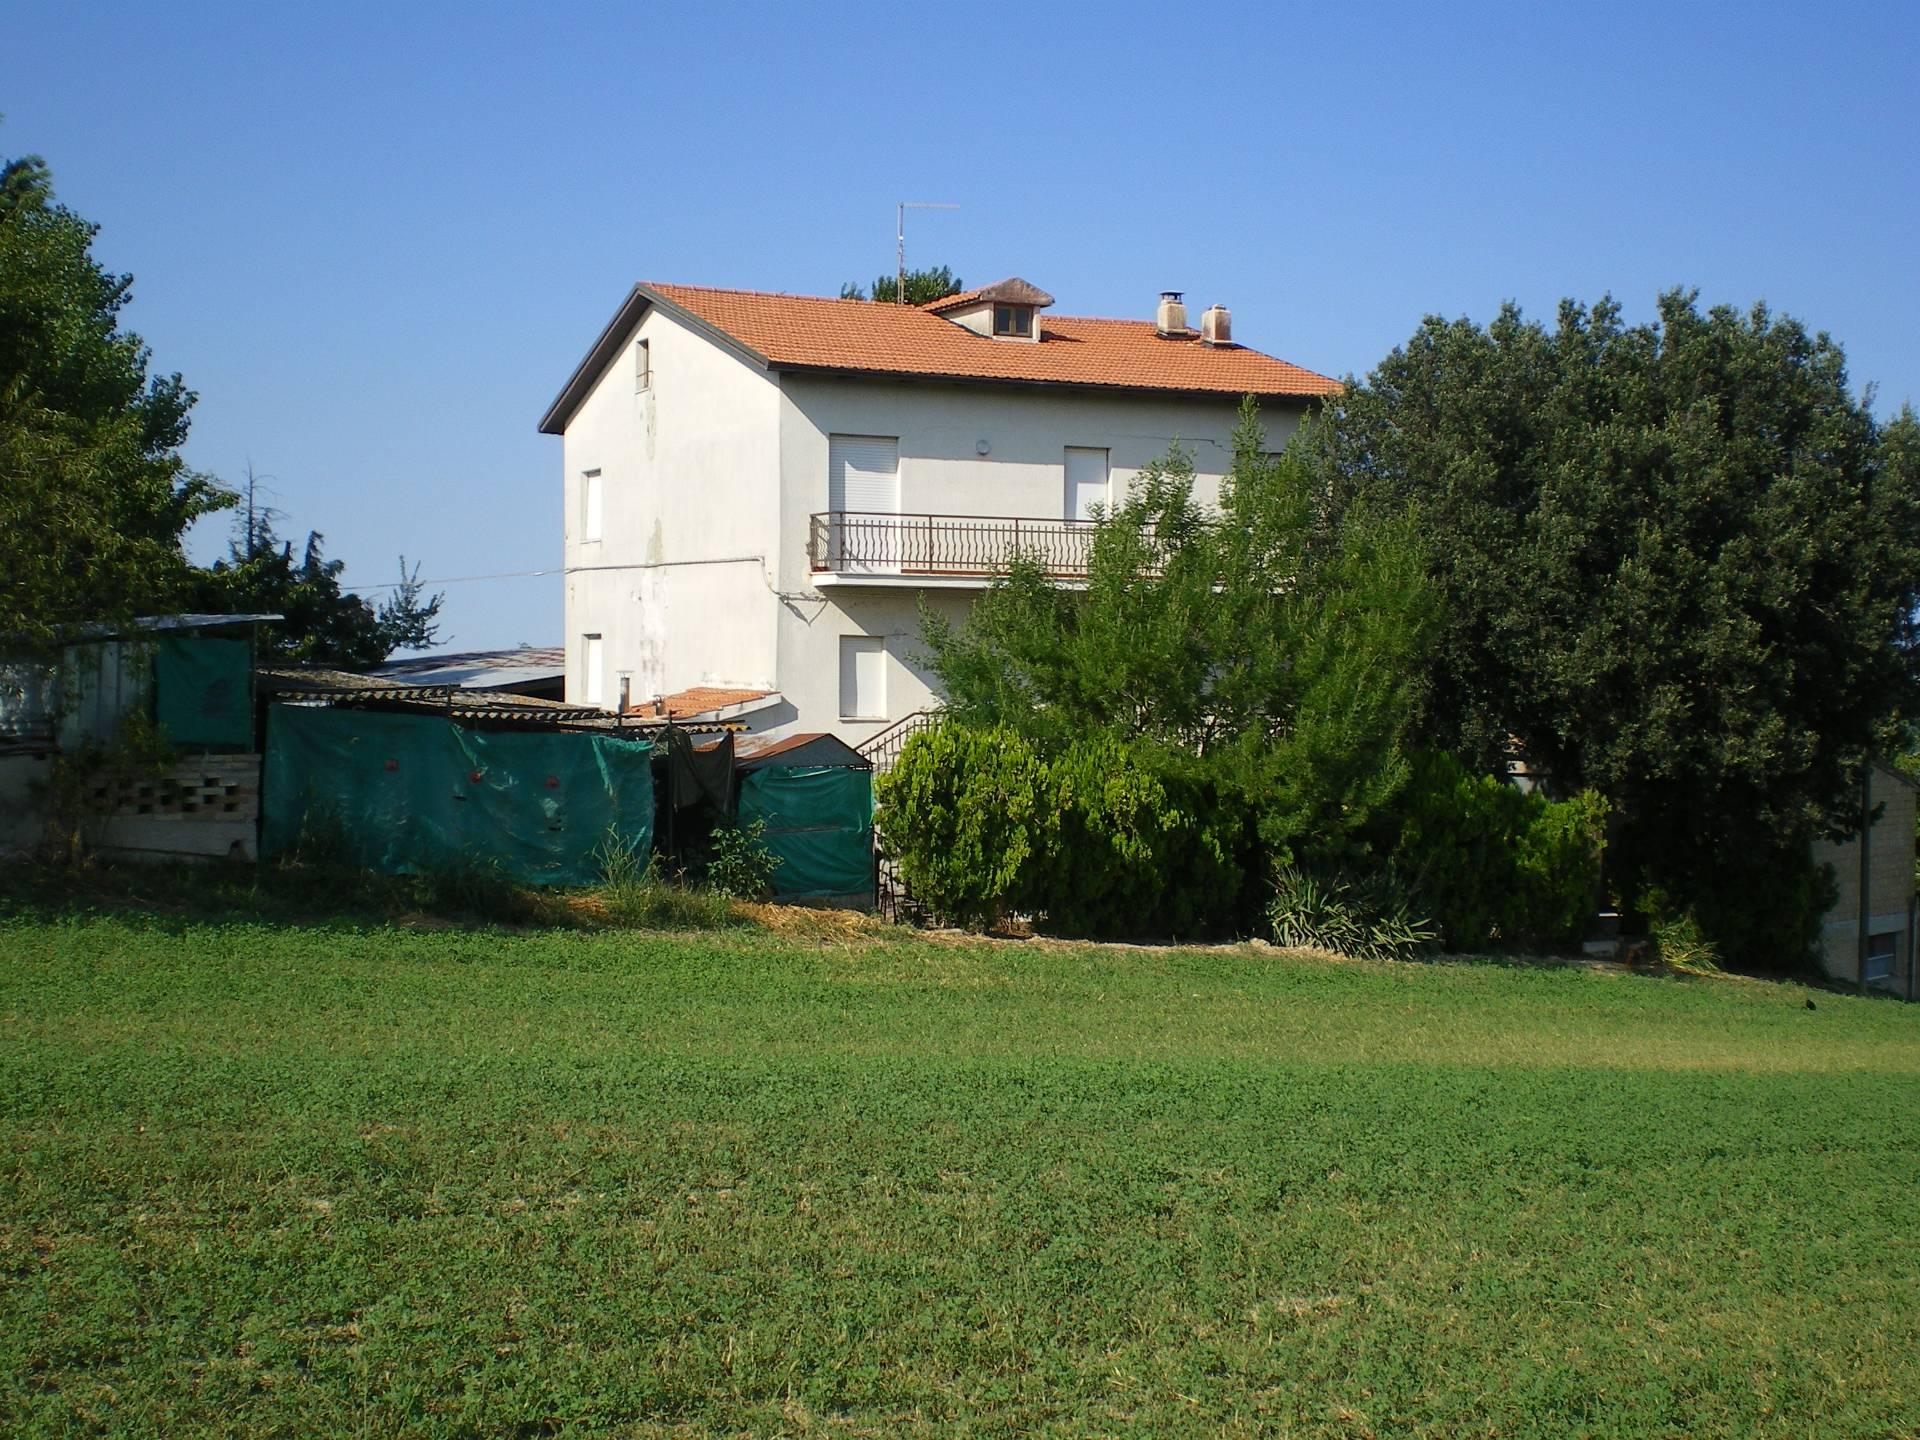 Soluzione Indipendente in vendita a Falerone, 8 locali, prezzo € 105.000   CambioCasa.it